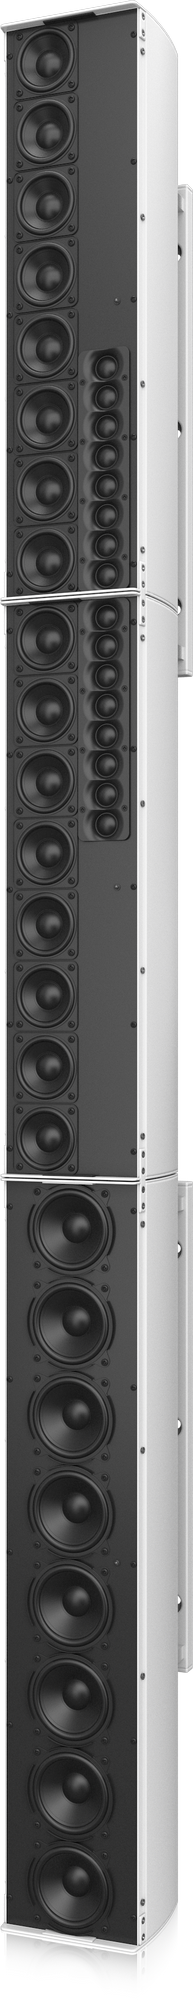 Tannoy  QFLEX 40-WP - Haut parleur d'installation